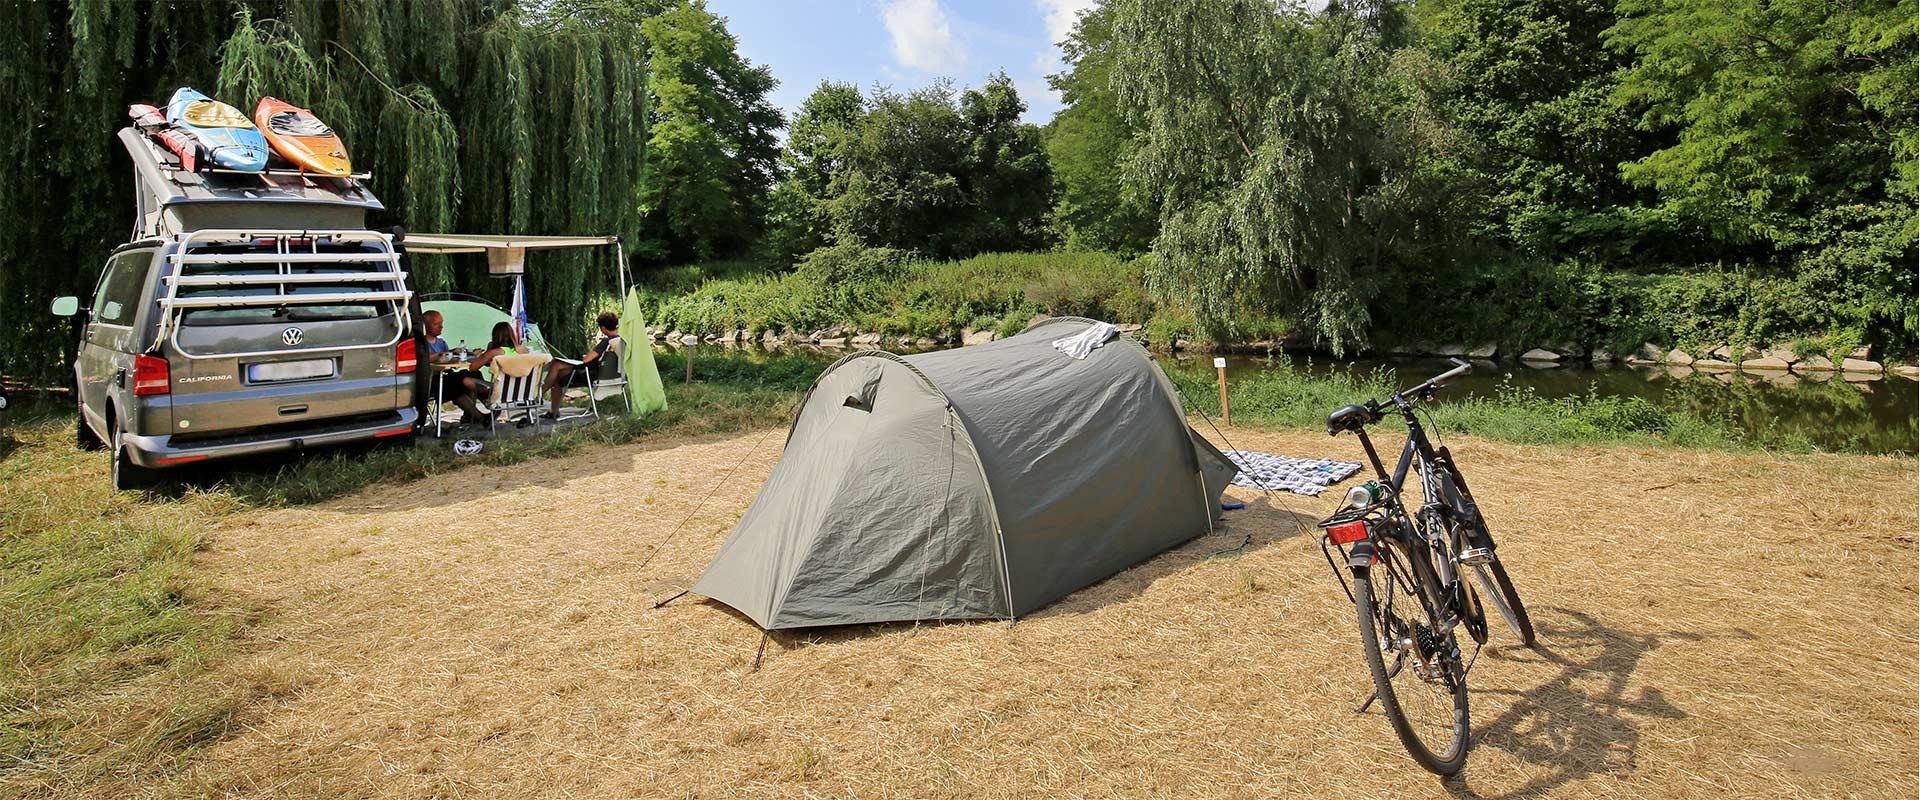 Camping Colmar mein-PLATZ